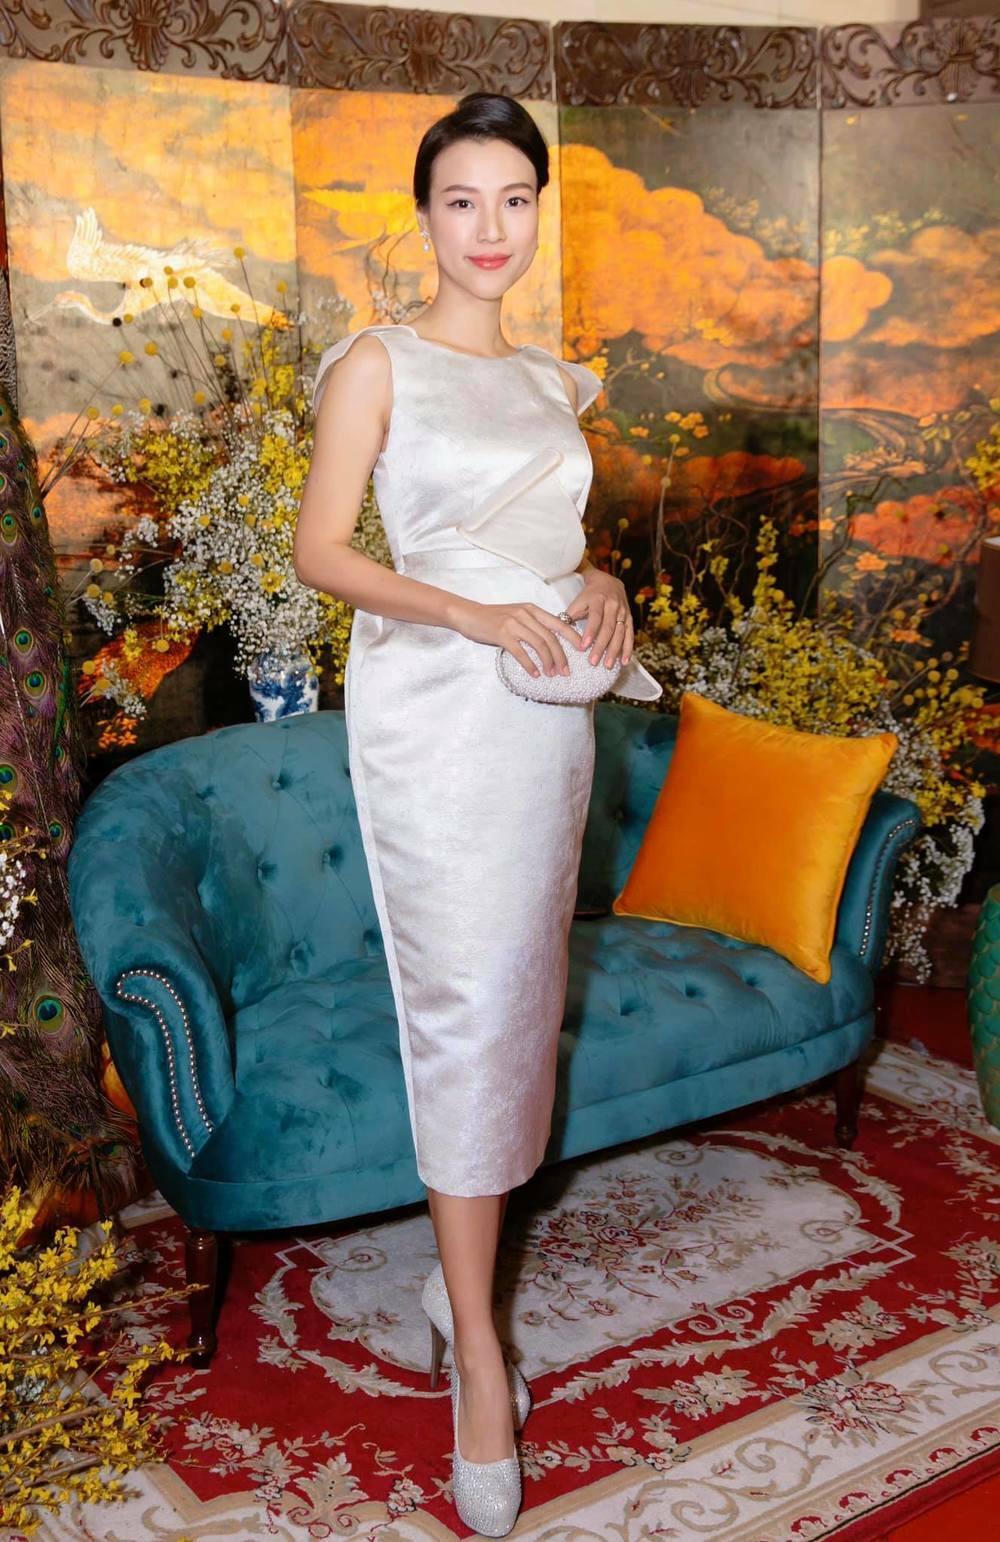 Việc mỹ nhân Việt mang bầu vẫn đi giày cao chót vót không phải là chuyện hiếm. Hoàng Oanh cũng từng gây tranh cãi khi diện cao gót khoảng 15 cm thời gian đầu mới có em bé.